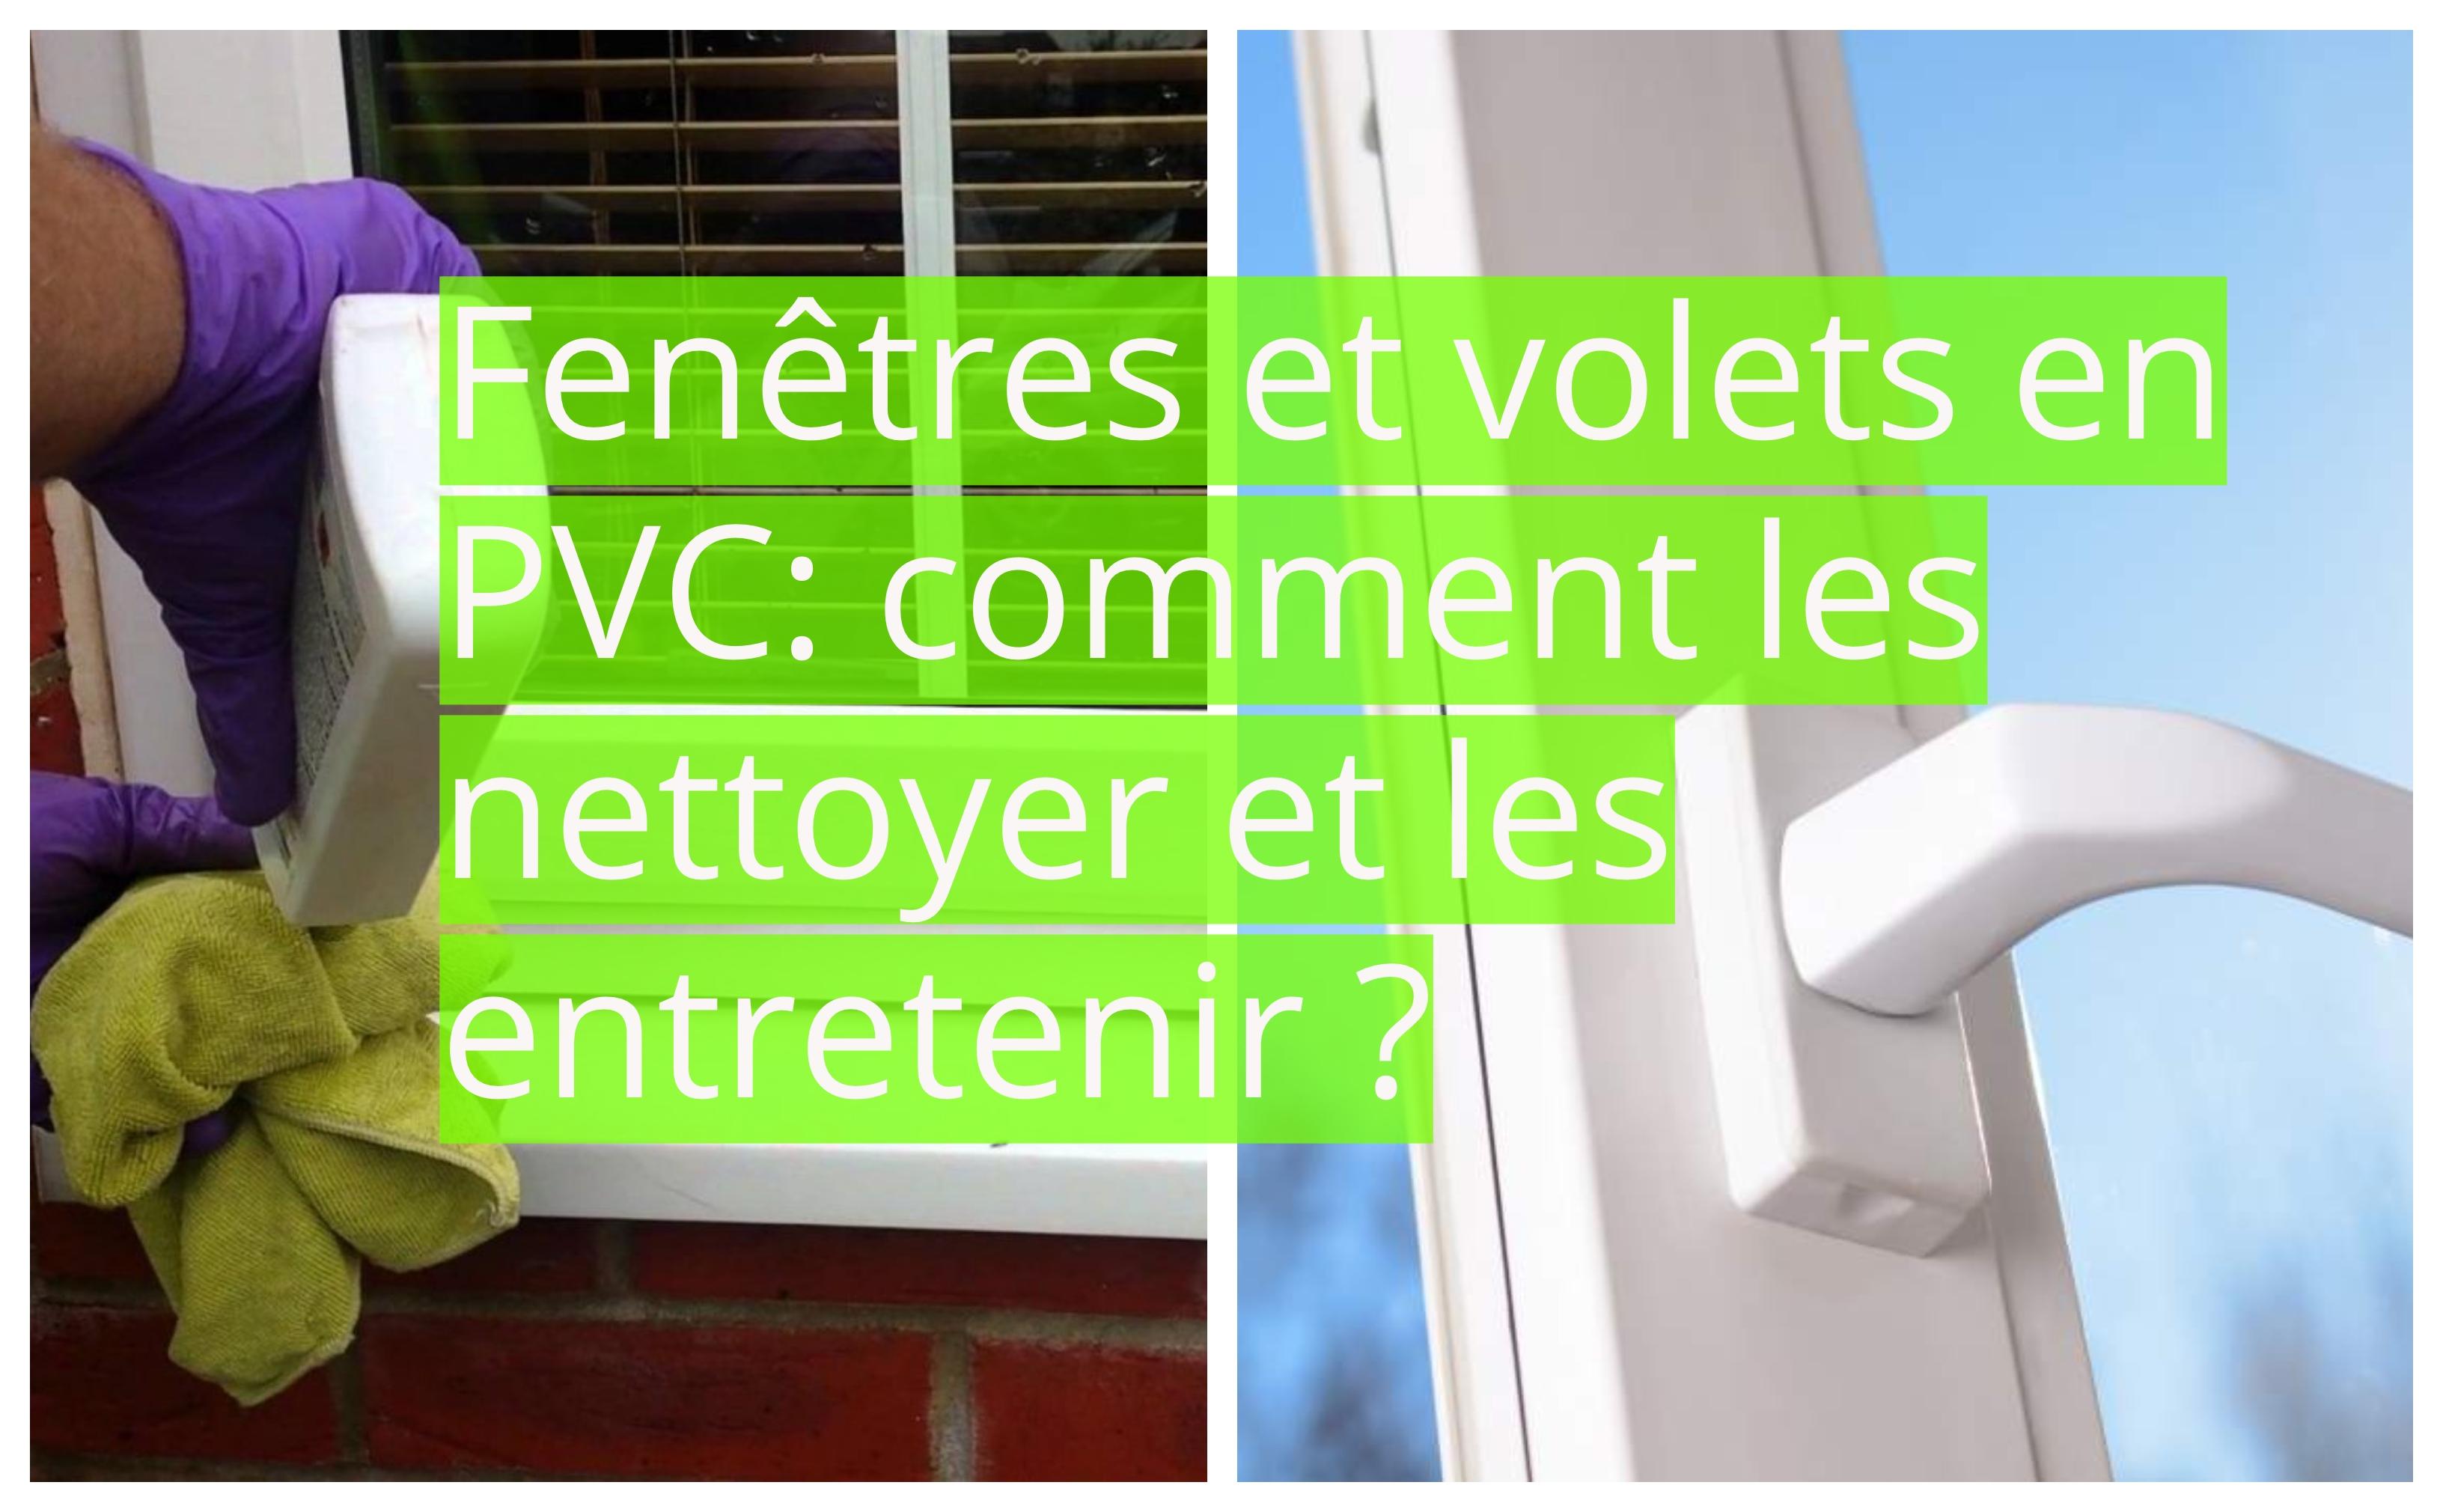 Fenêtres Et Volets En Pvc Comment Les Nettoyer Et Les Entretenir